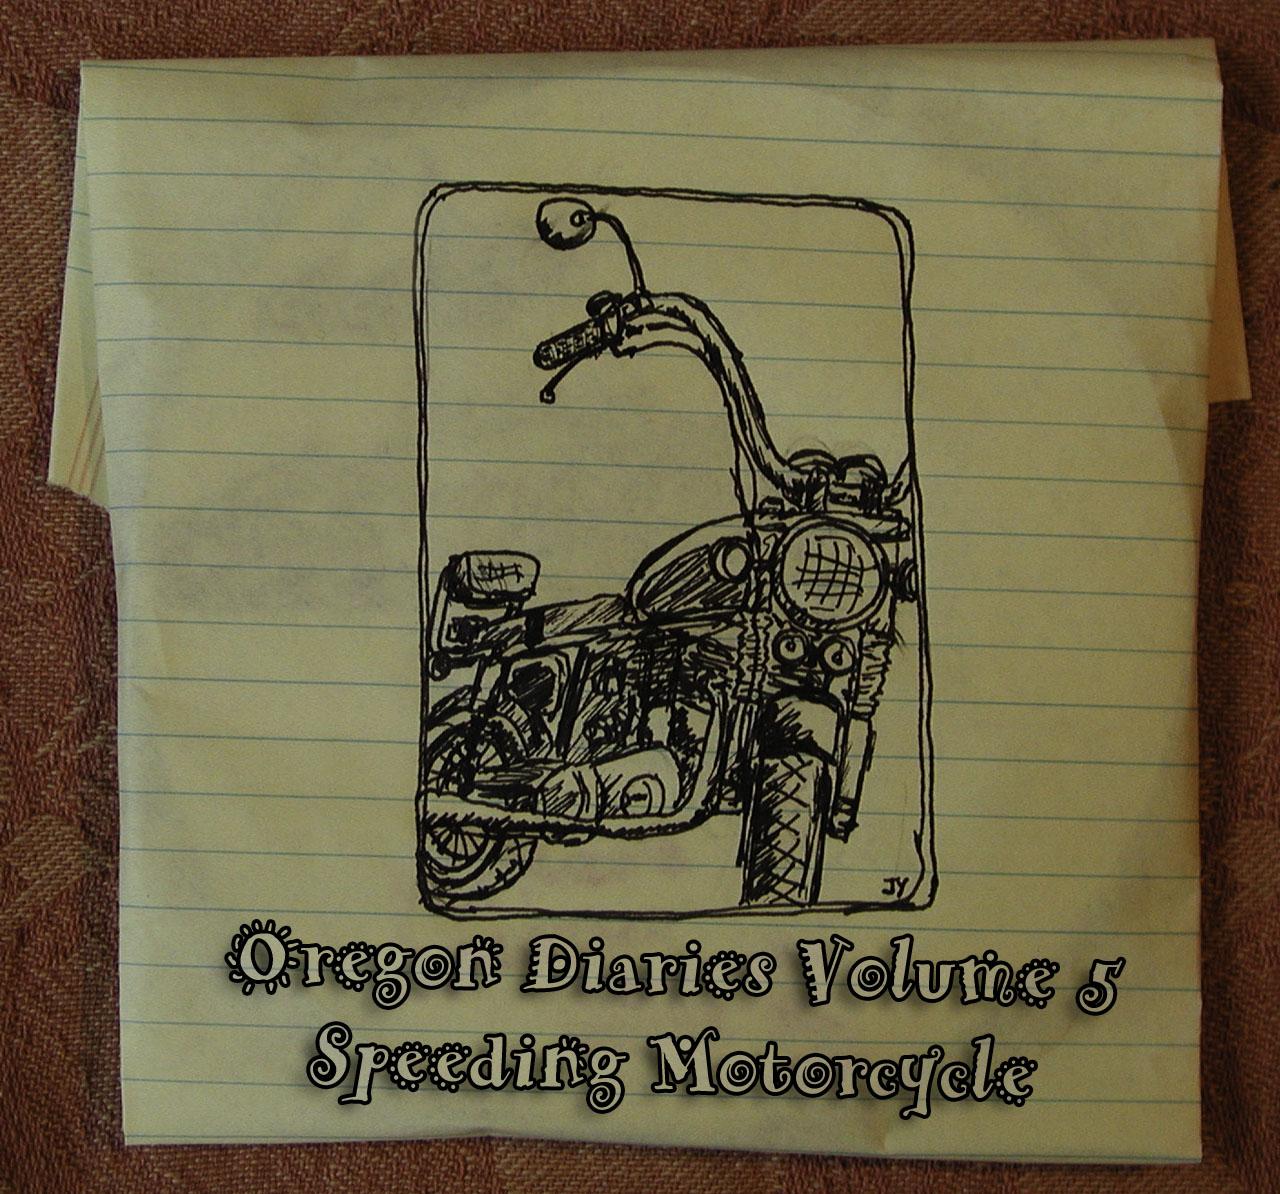 Oregon Diary Volume 05: Speeding Motorcycle